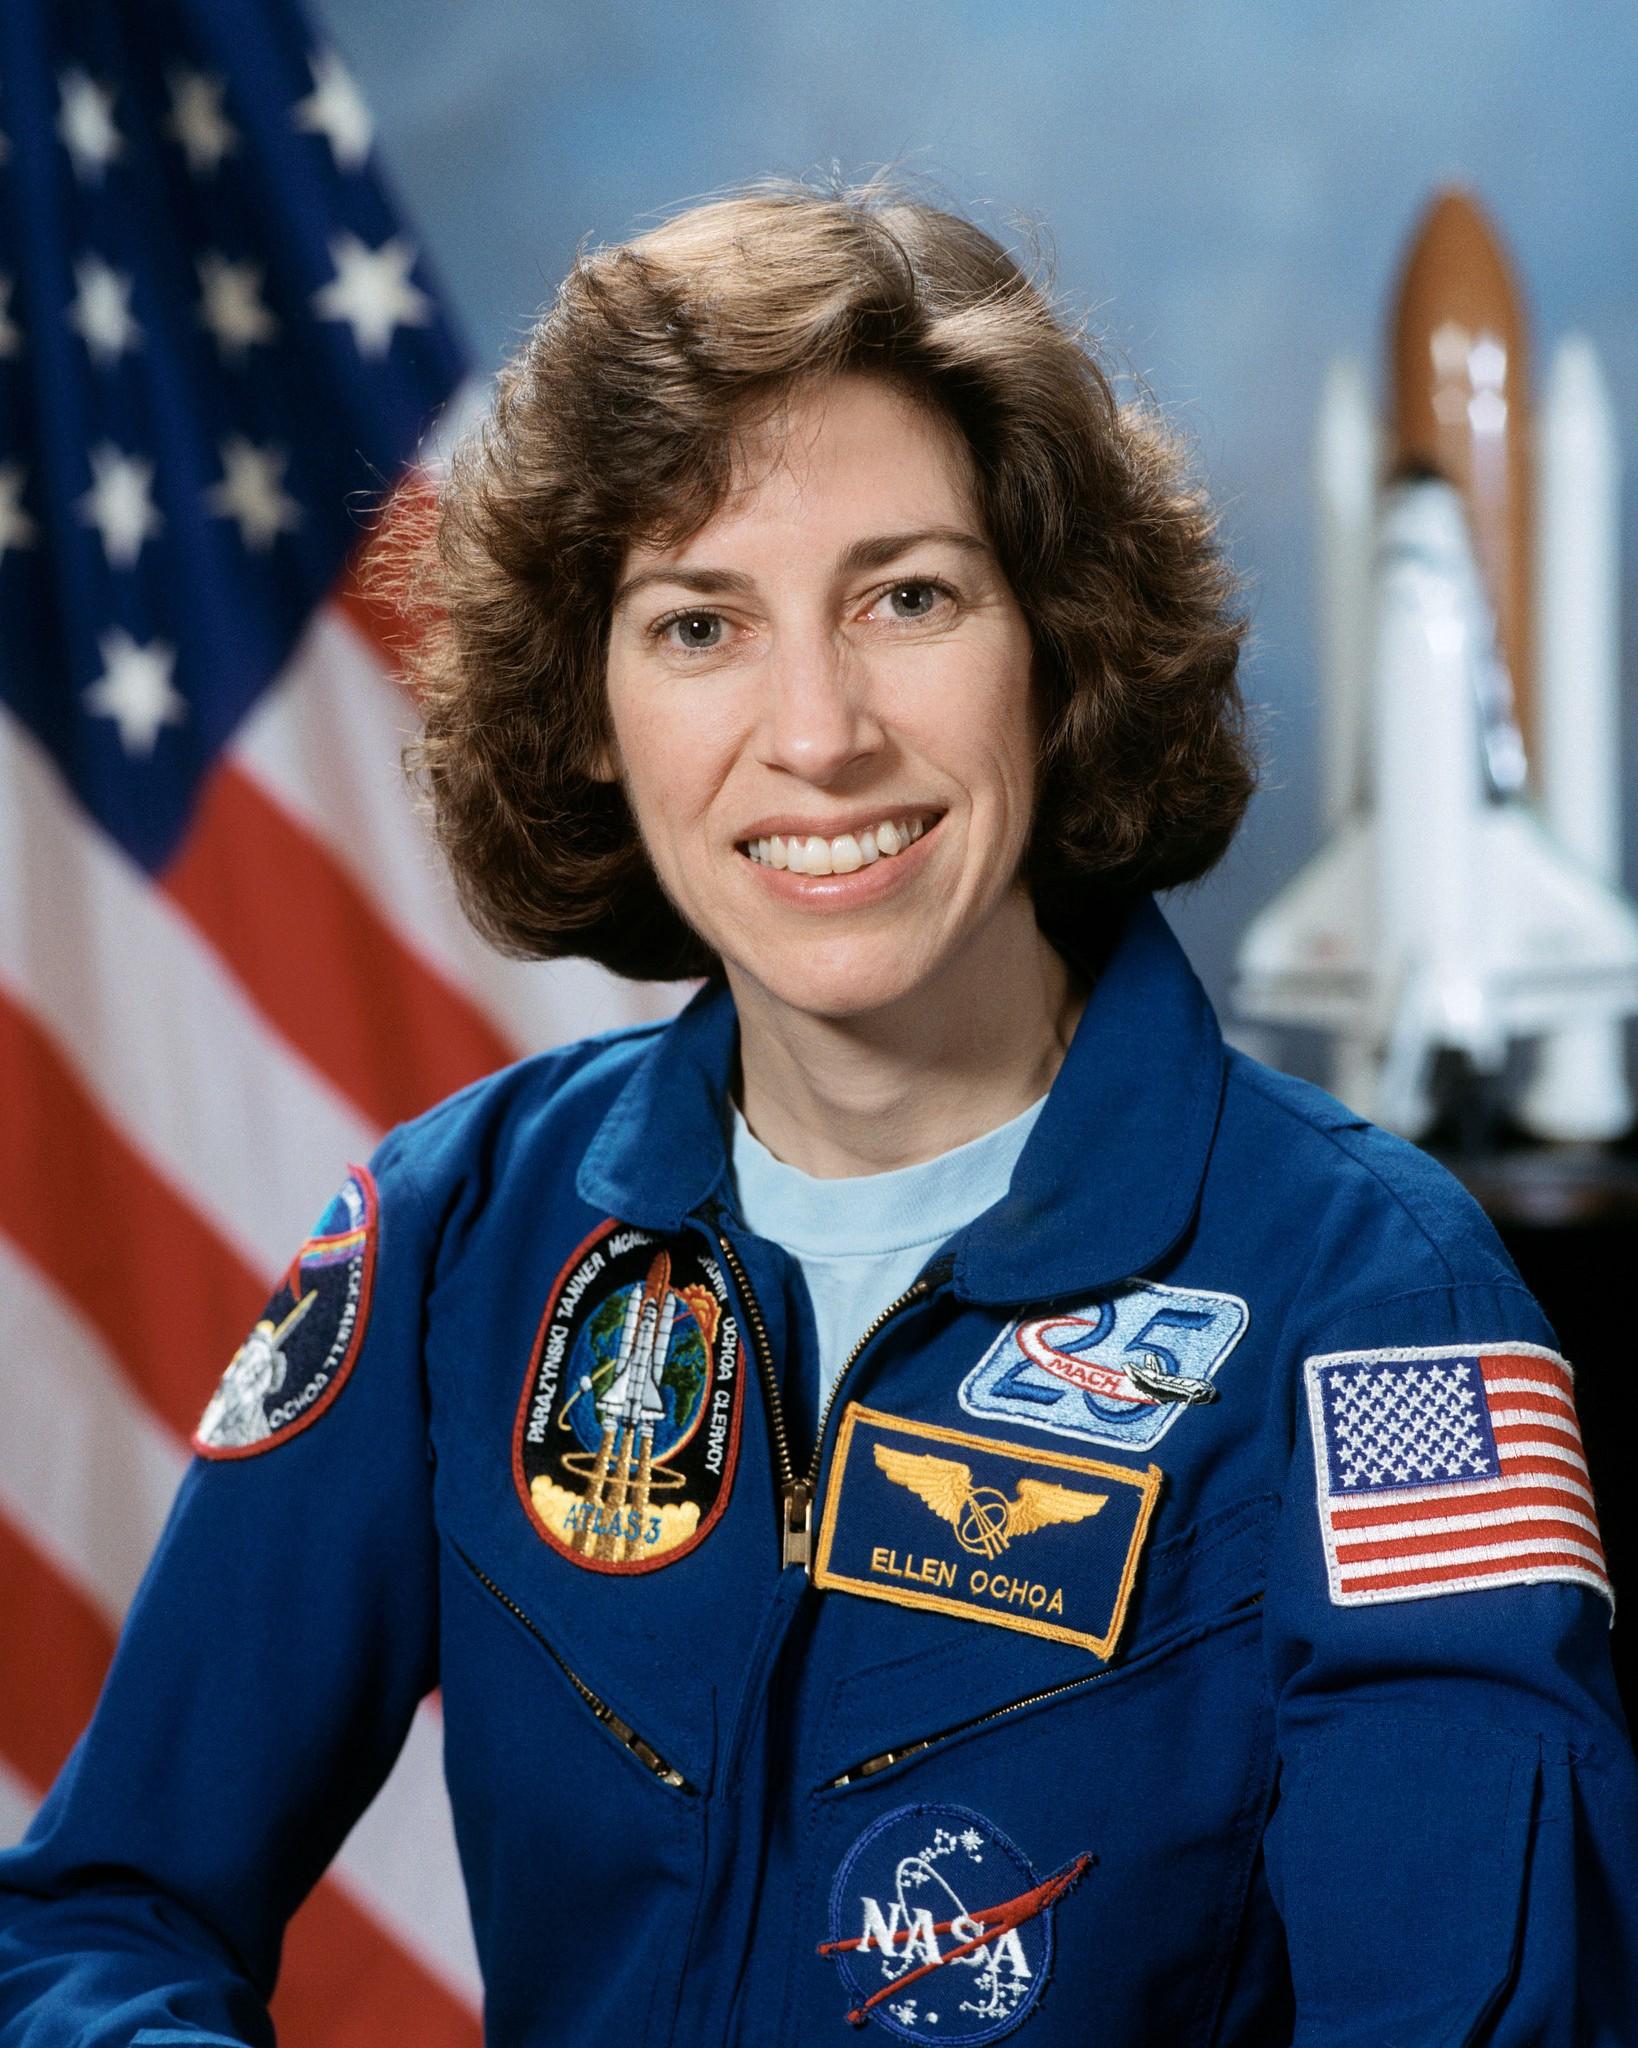 Ellen Ochoa, Woman of Discovery